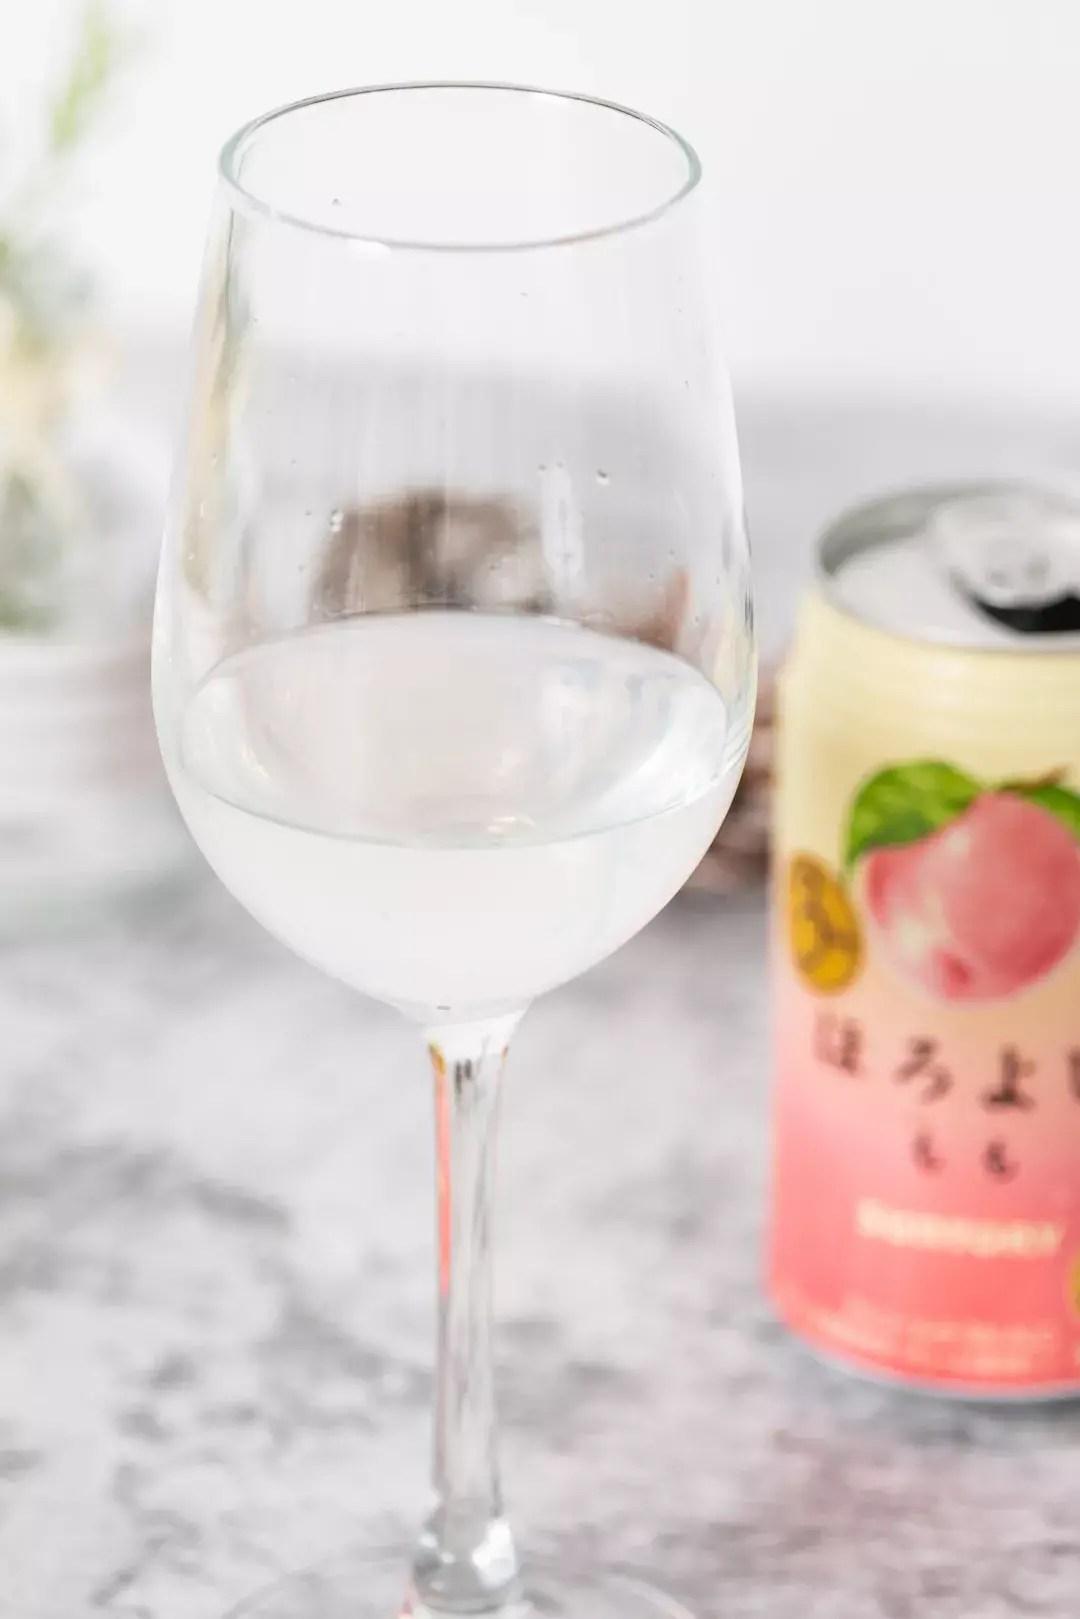 有哪些適合女生喝的酒。既會醉又不會過分傷害身體。而且價格也不是很高的? - 知乎